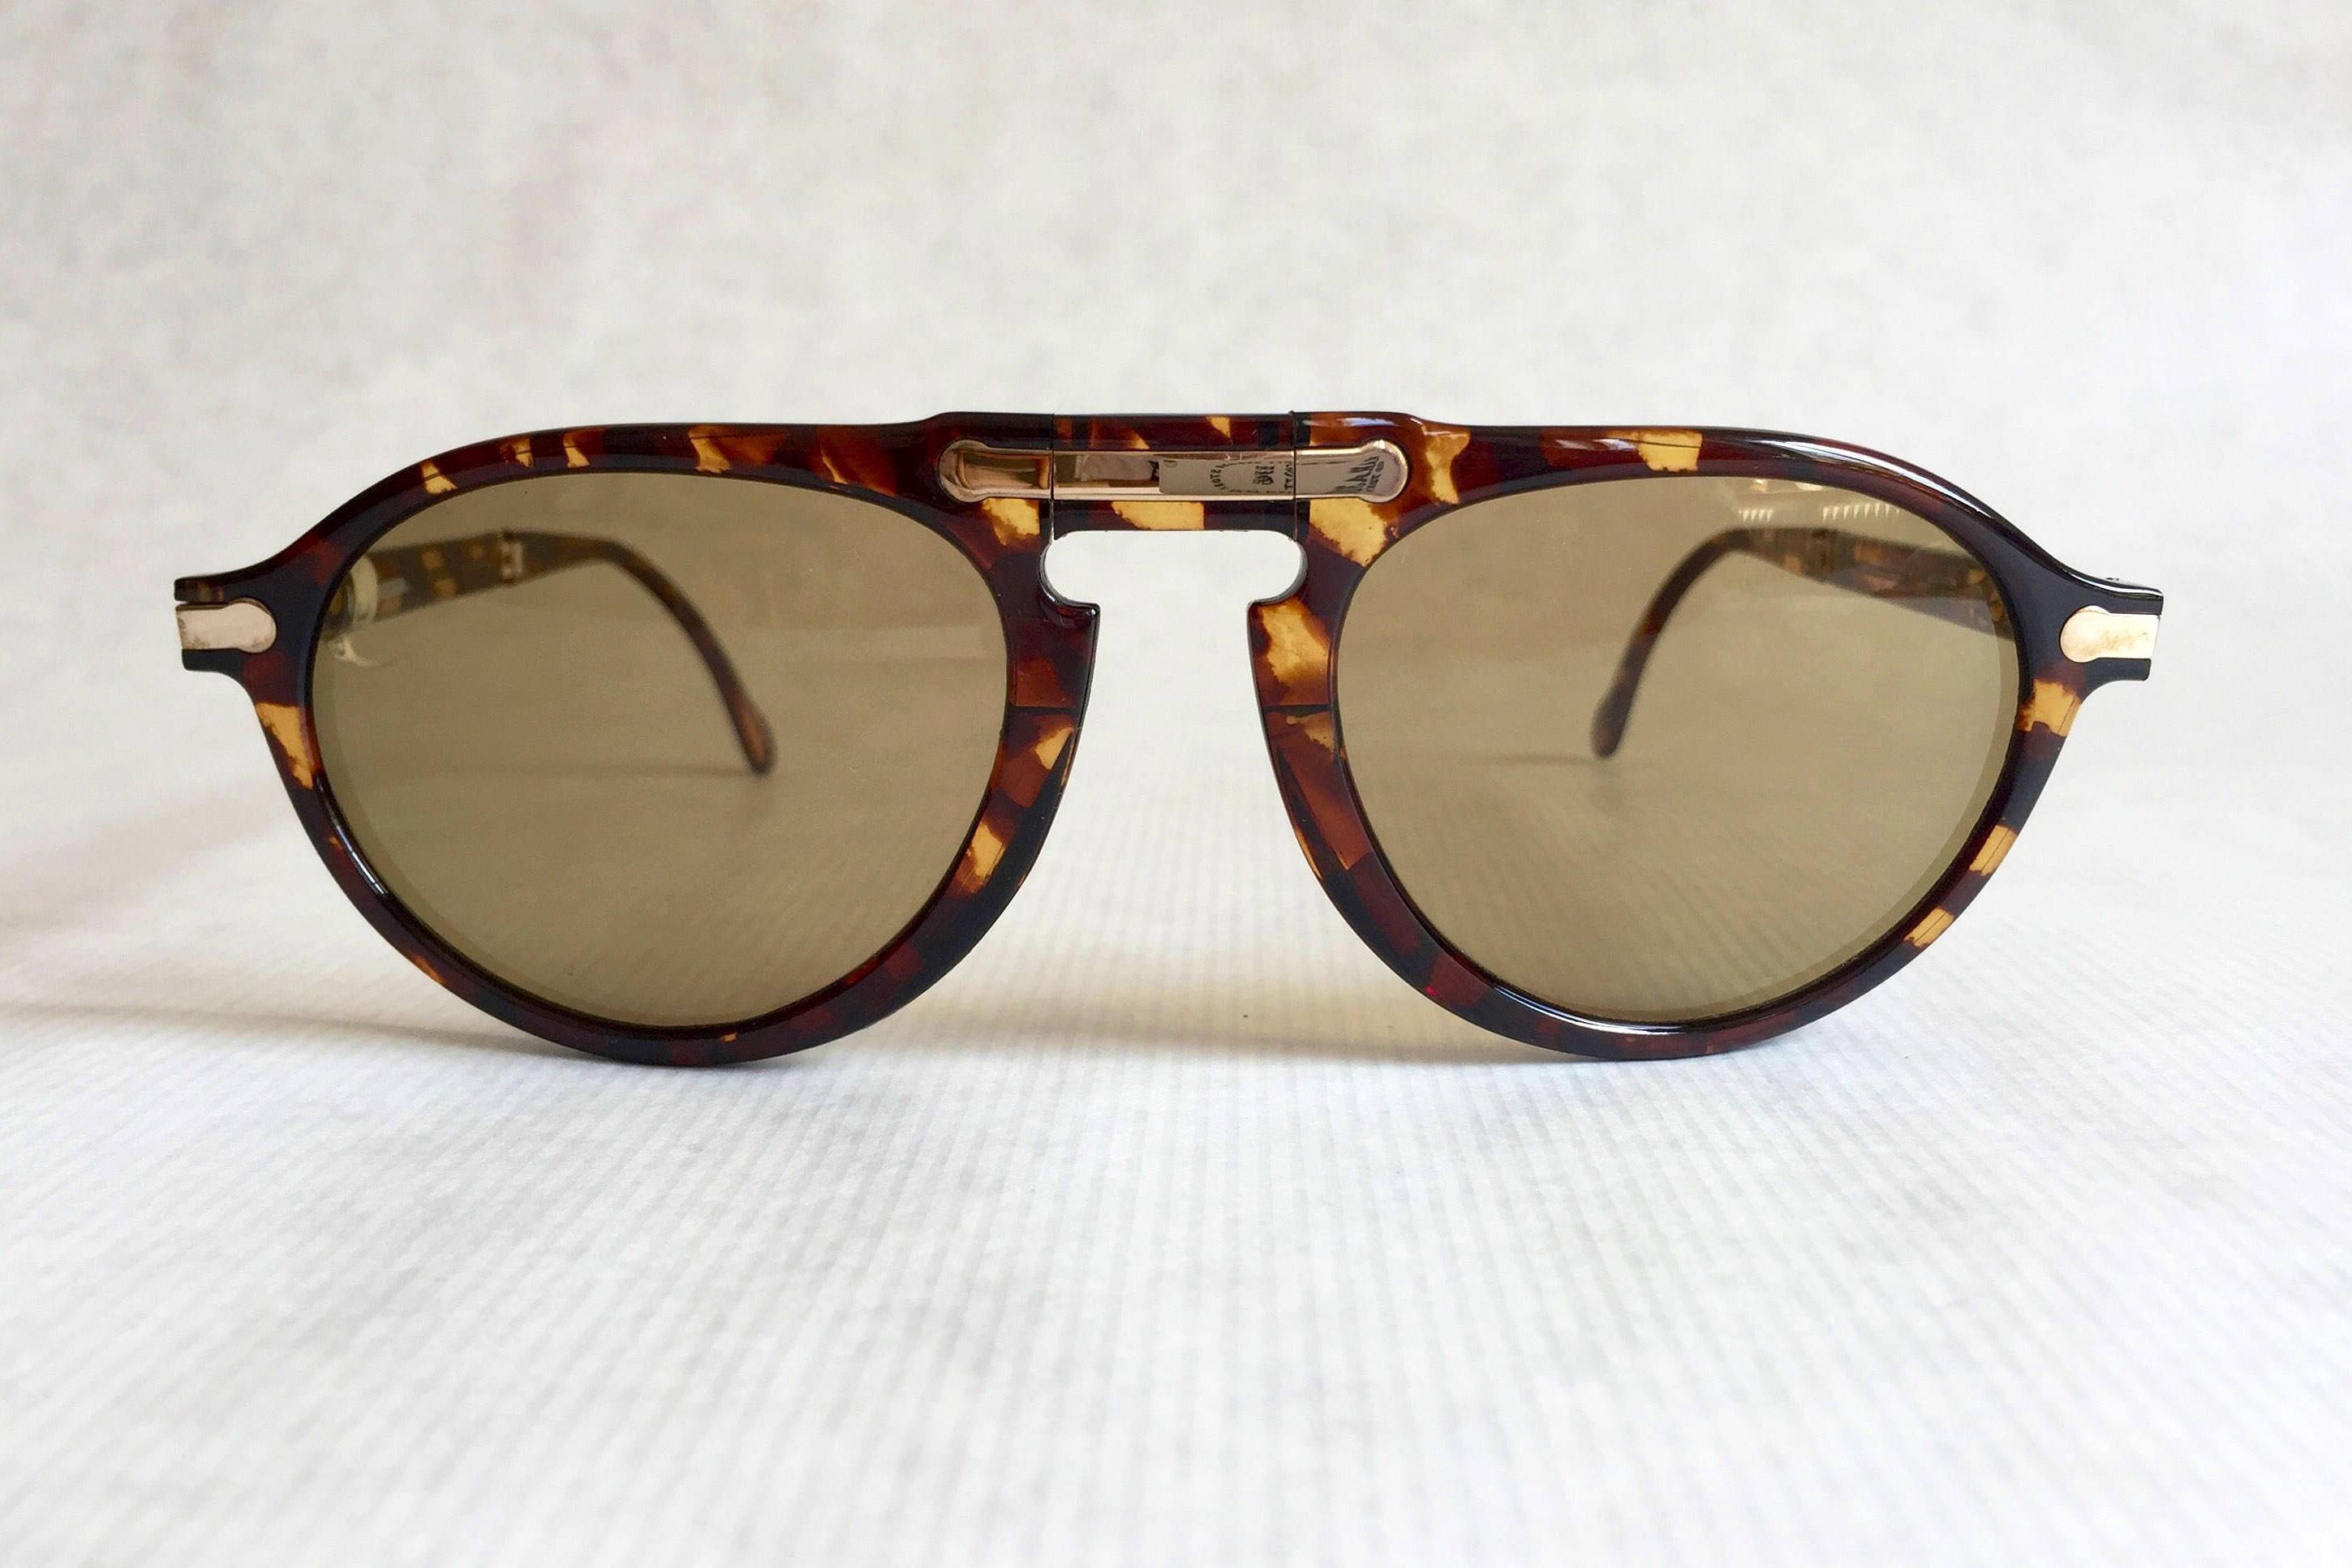 6f8d292a289 Hugo Boss by Carrera 5153 Folding Vintage Sunglasses - New Unworn Deadstock